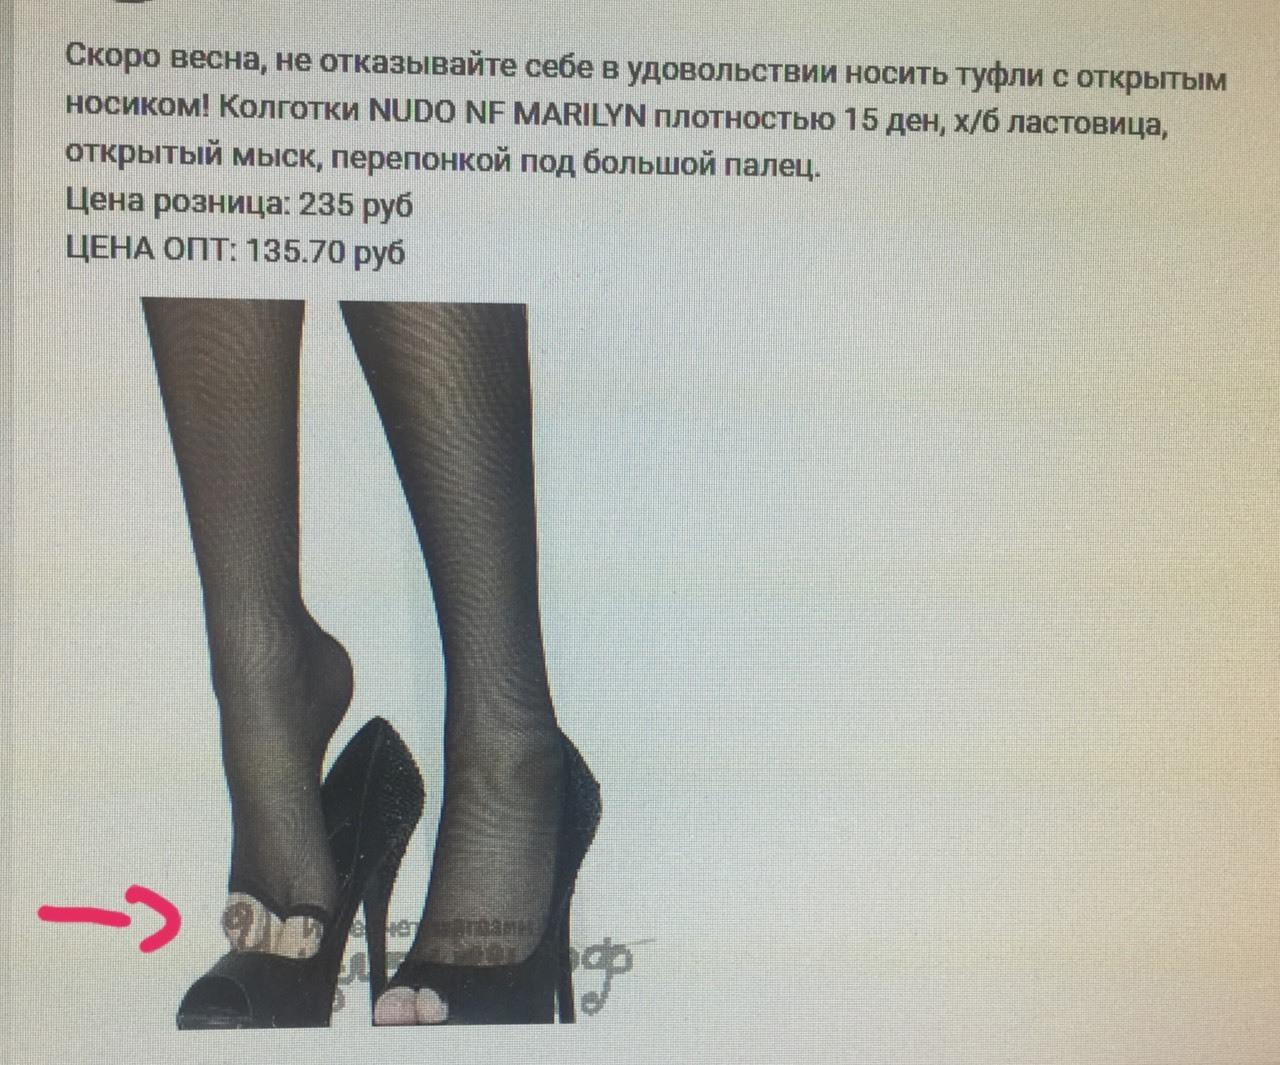 dlya-lyubiteley-fut-fetisha-smotret-seks-sayti-porno